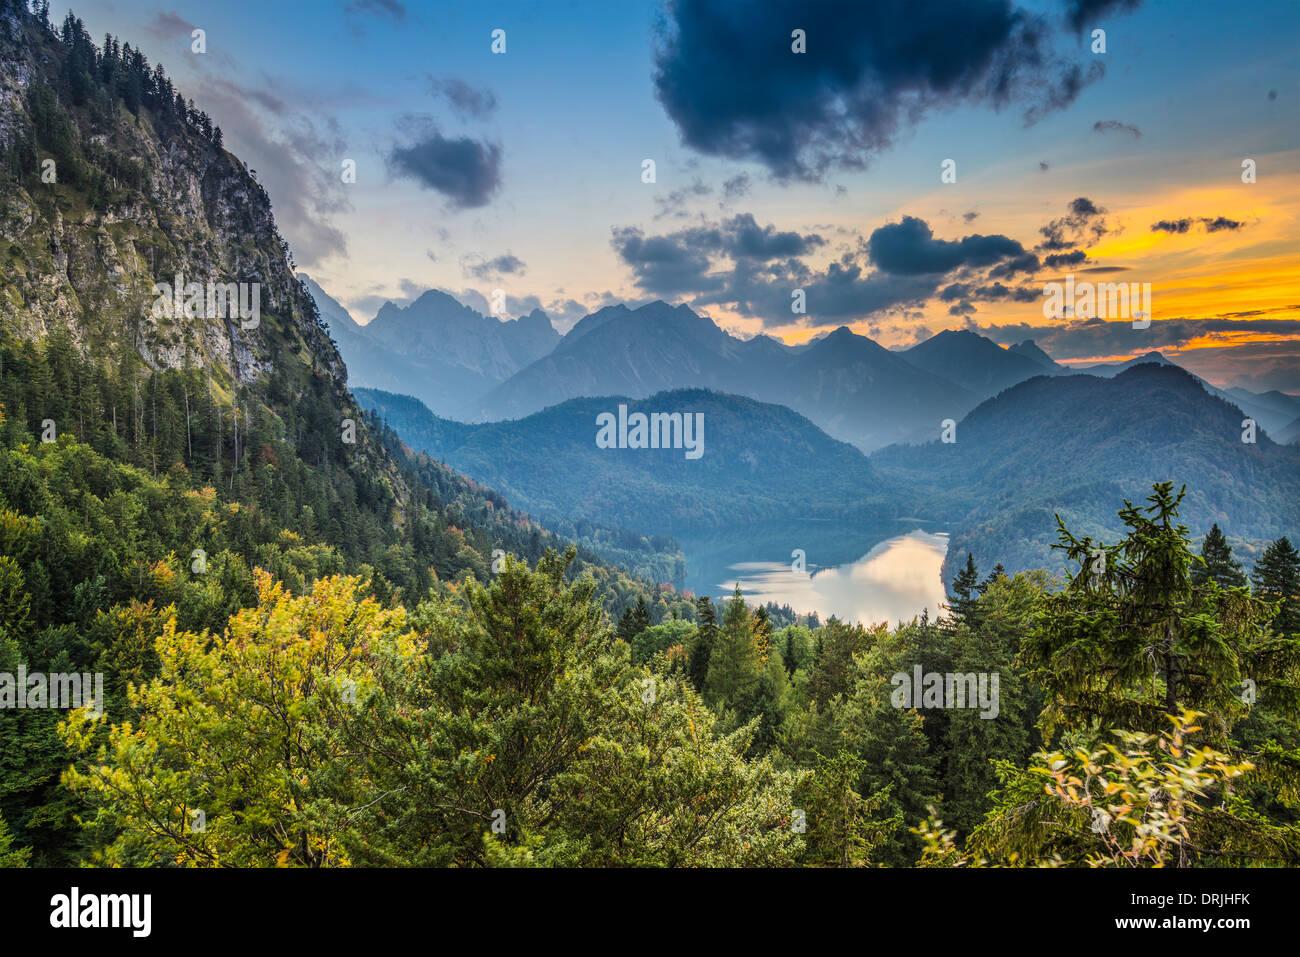 Bayerische Alpen-Landschaft in Deutschland. Stockfoto